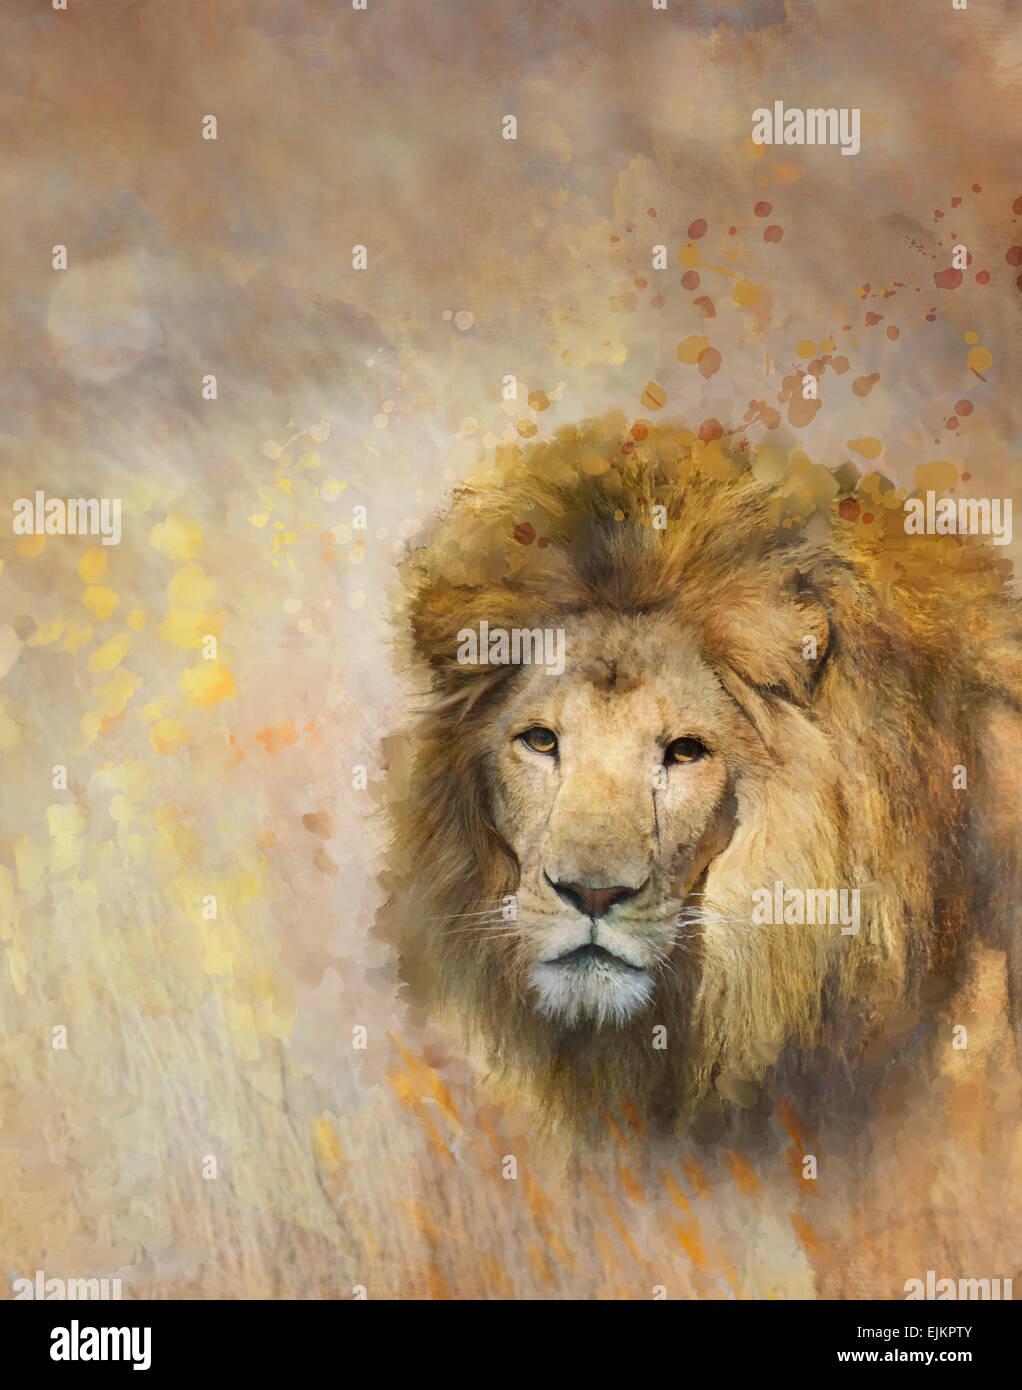 Pintura digital de León Africano Imagen De Stock